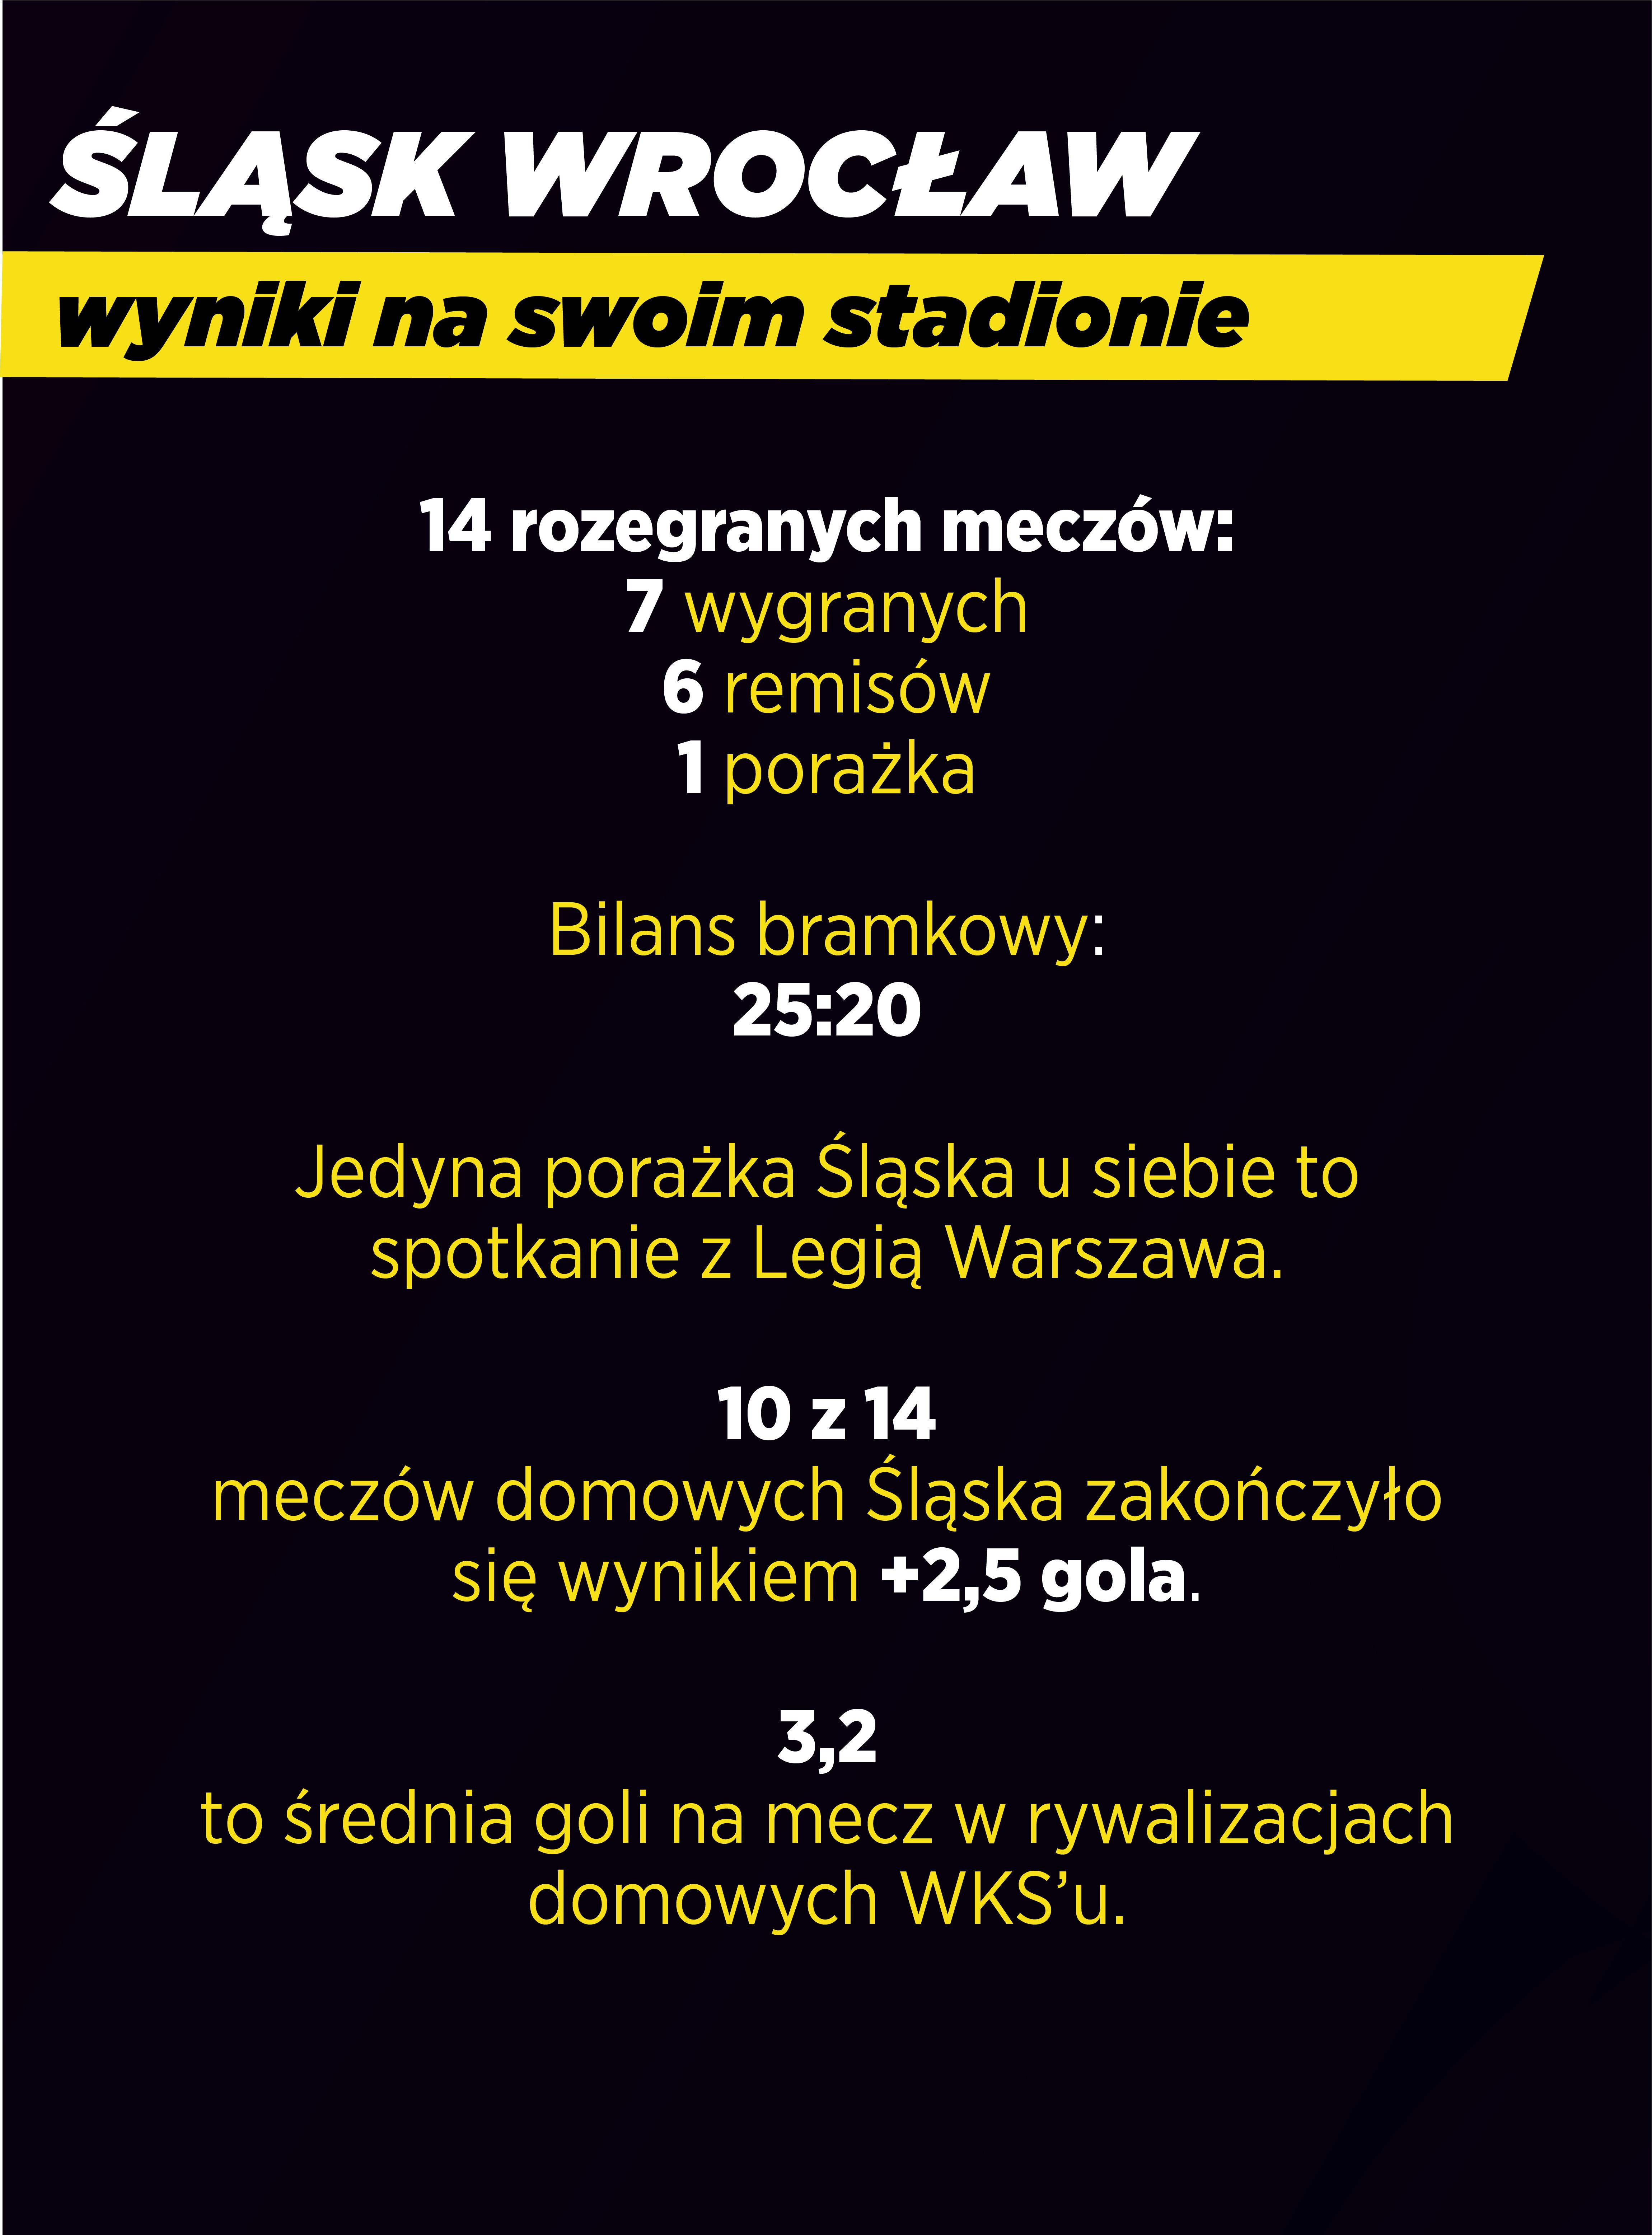 śląsk wrocław wyniki na w stadionie